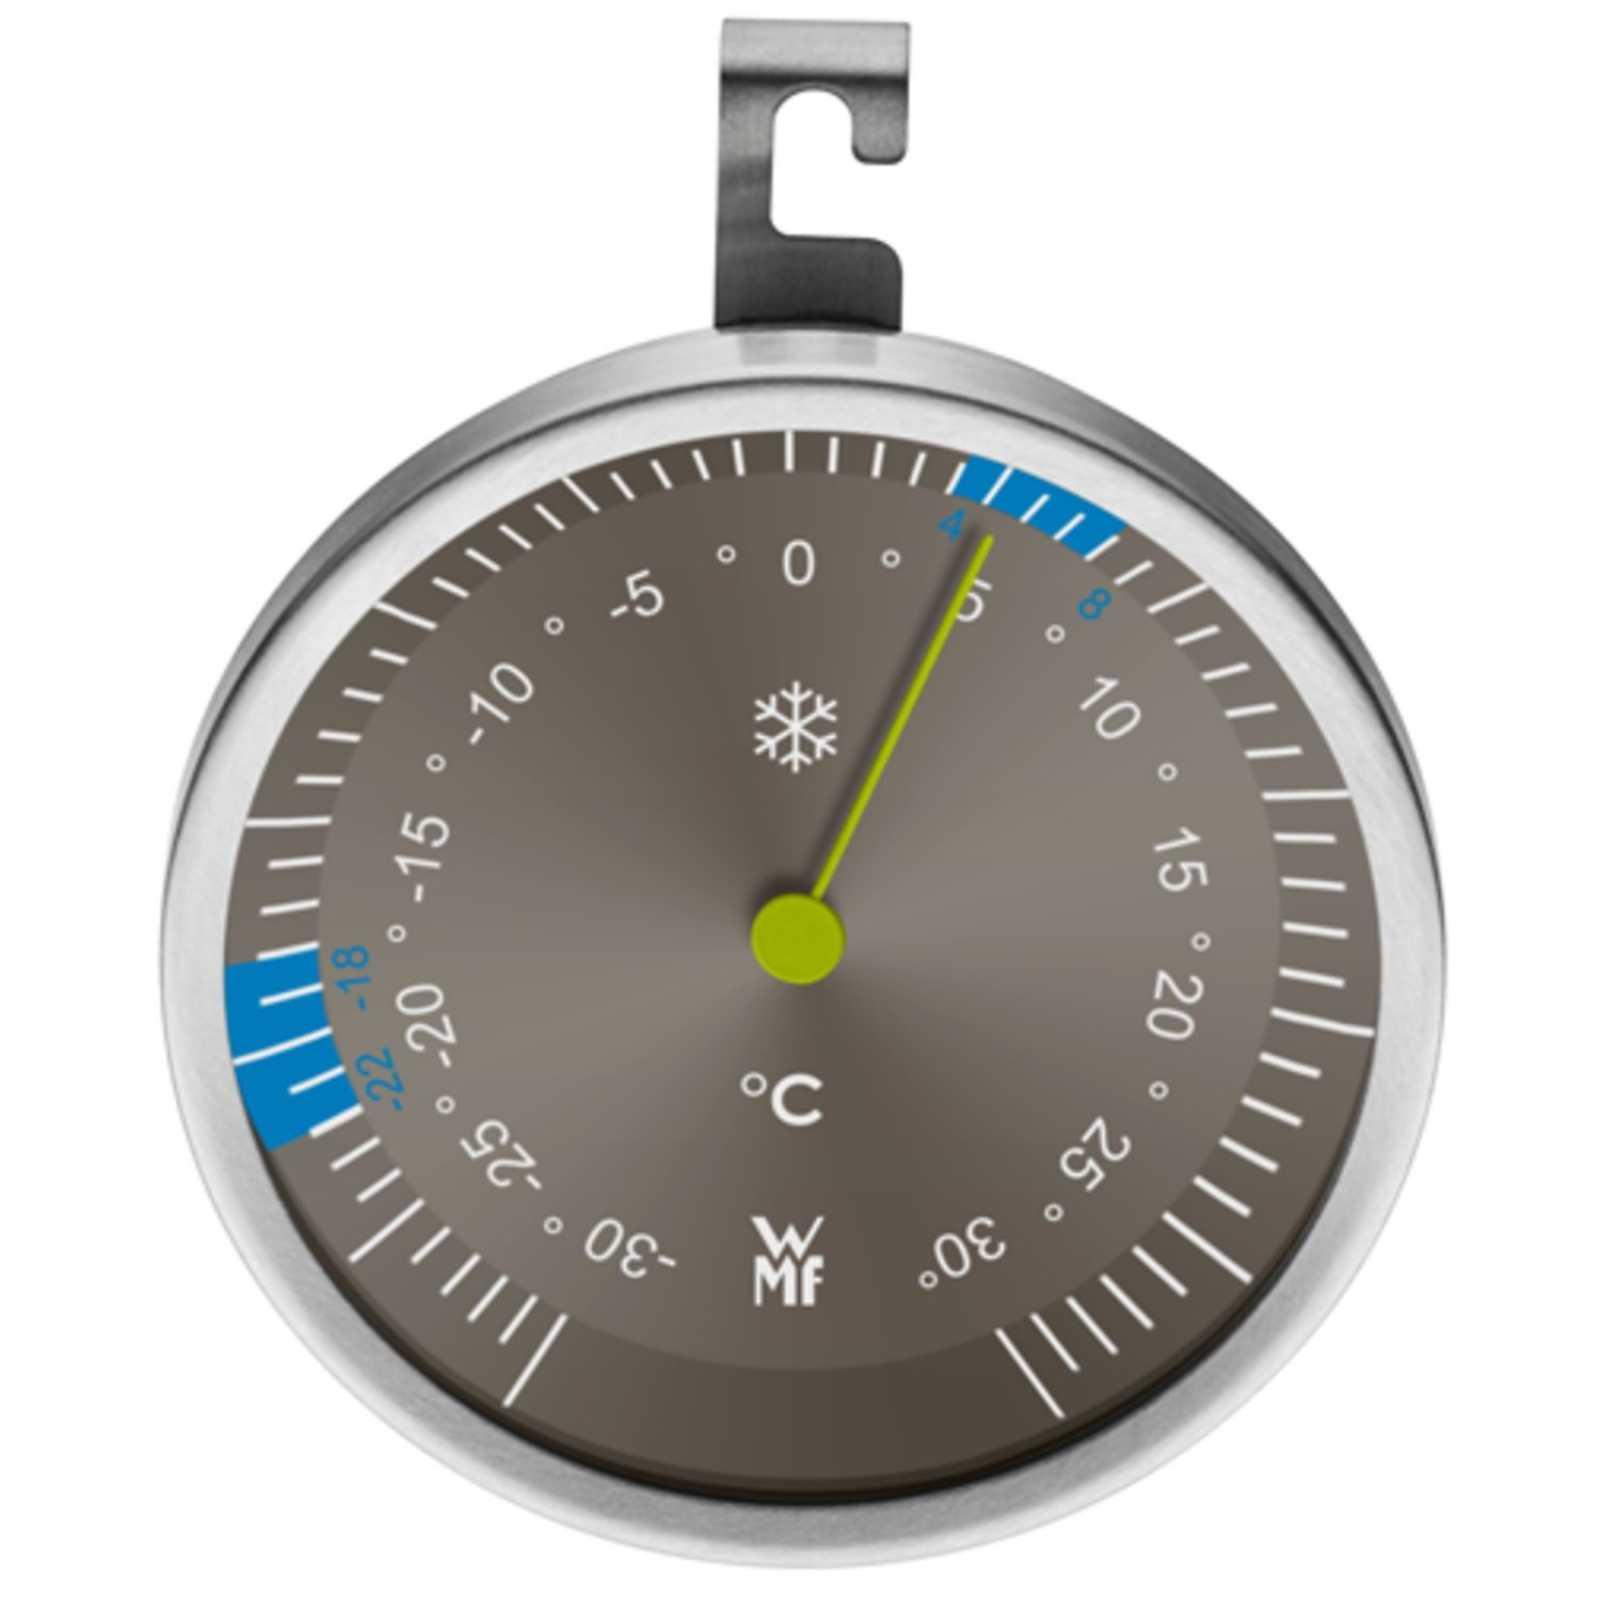 Термометр для холодильника WMF SCALA, серебристый WMF 06 0865 6030 фото 0